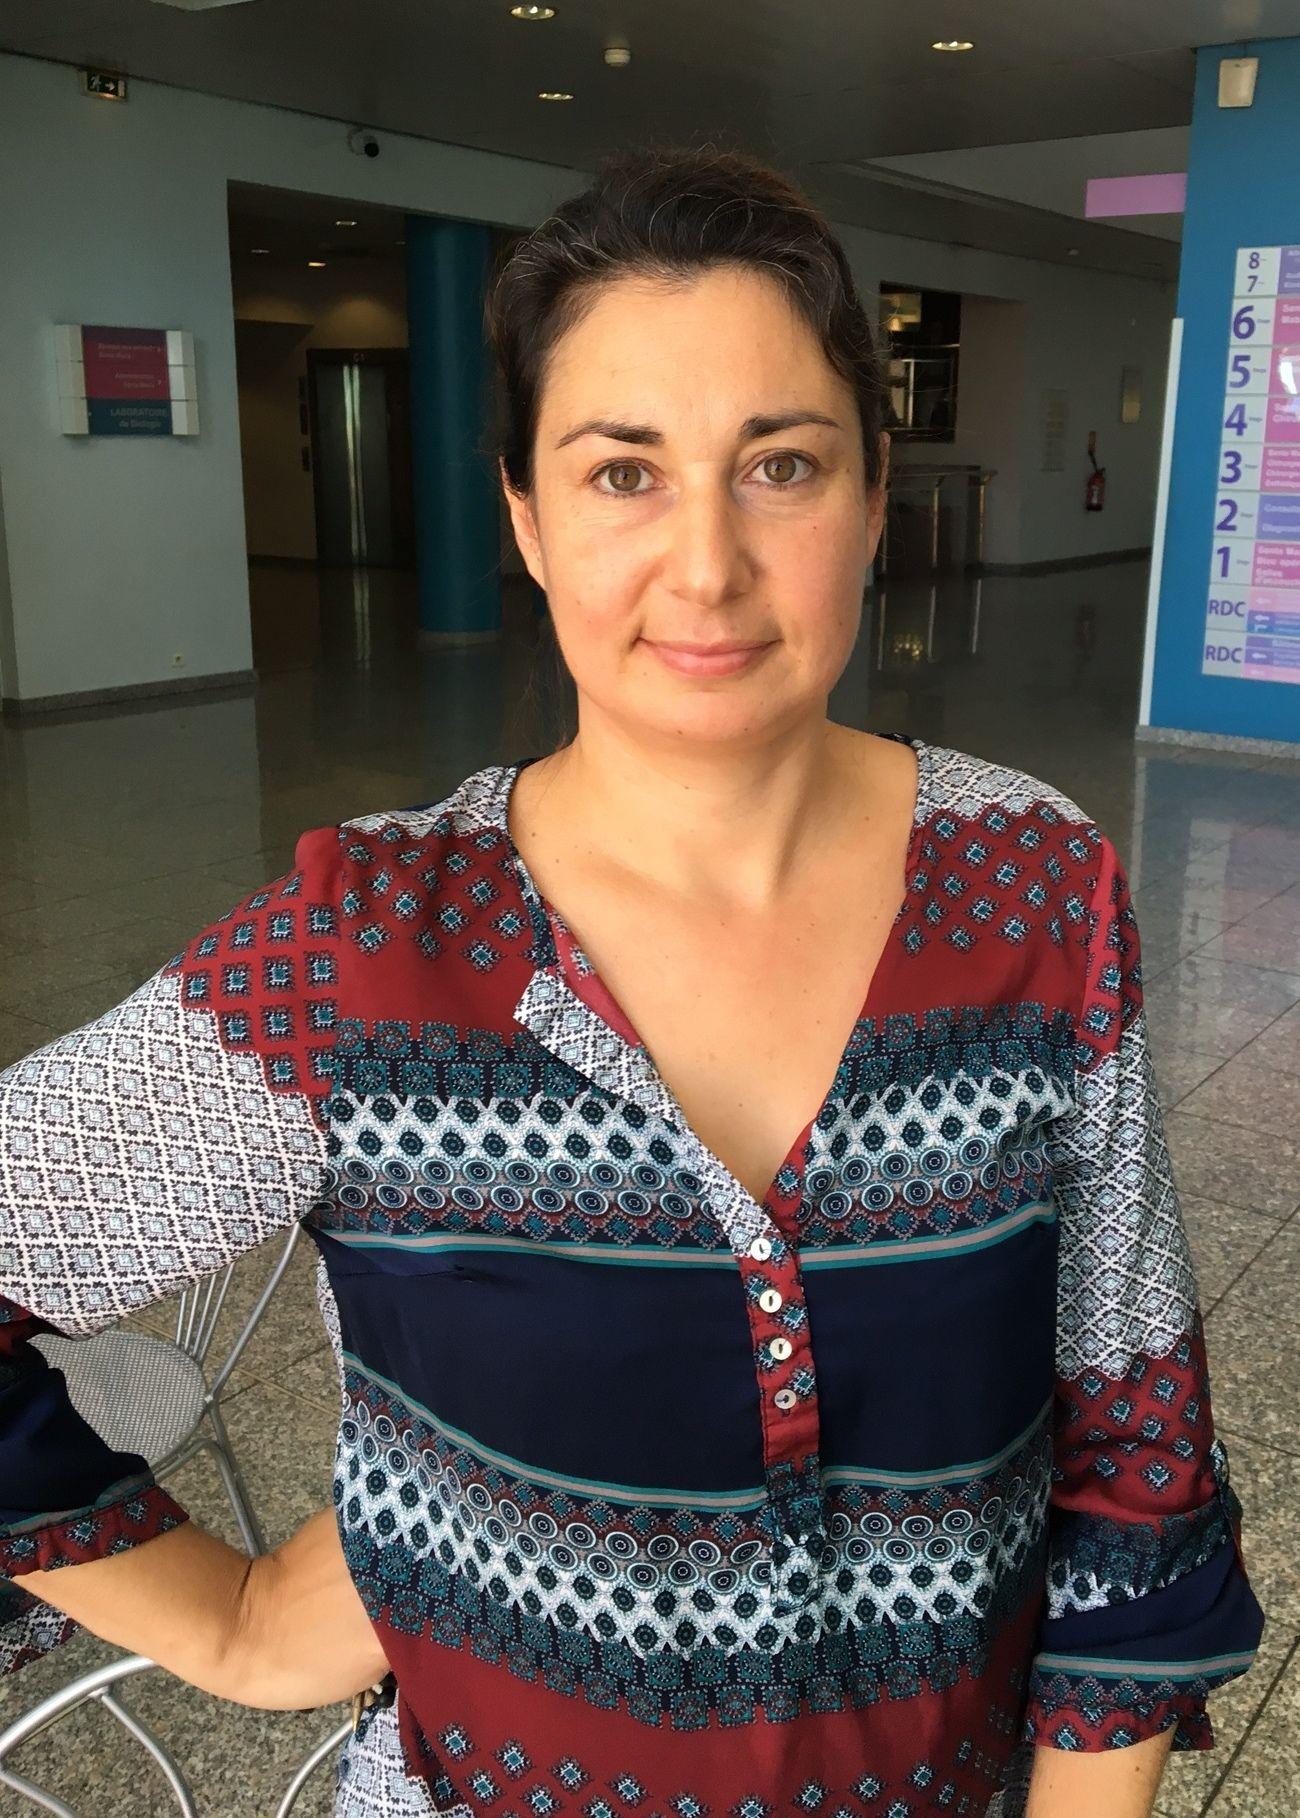 ANGREP: Stephanie Simpson som er kommunikasjonsdirektør ved barnesykehuset Lenval i Nice, sier til VGs reporter at to barn døde på operasjonsbordet i natt, som følge av terrorangrepet.